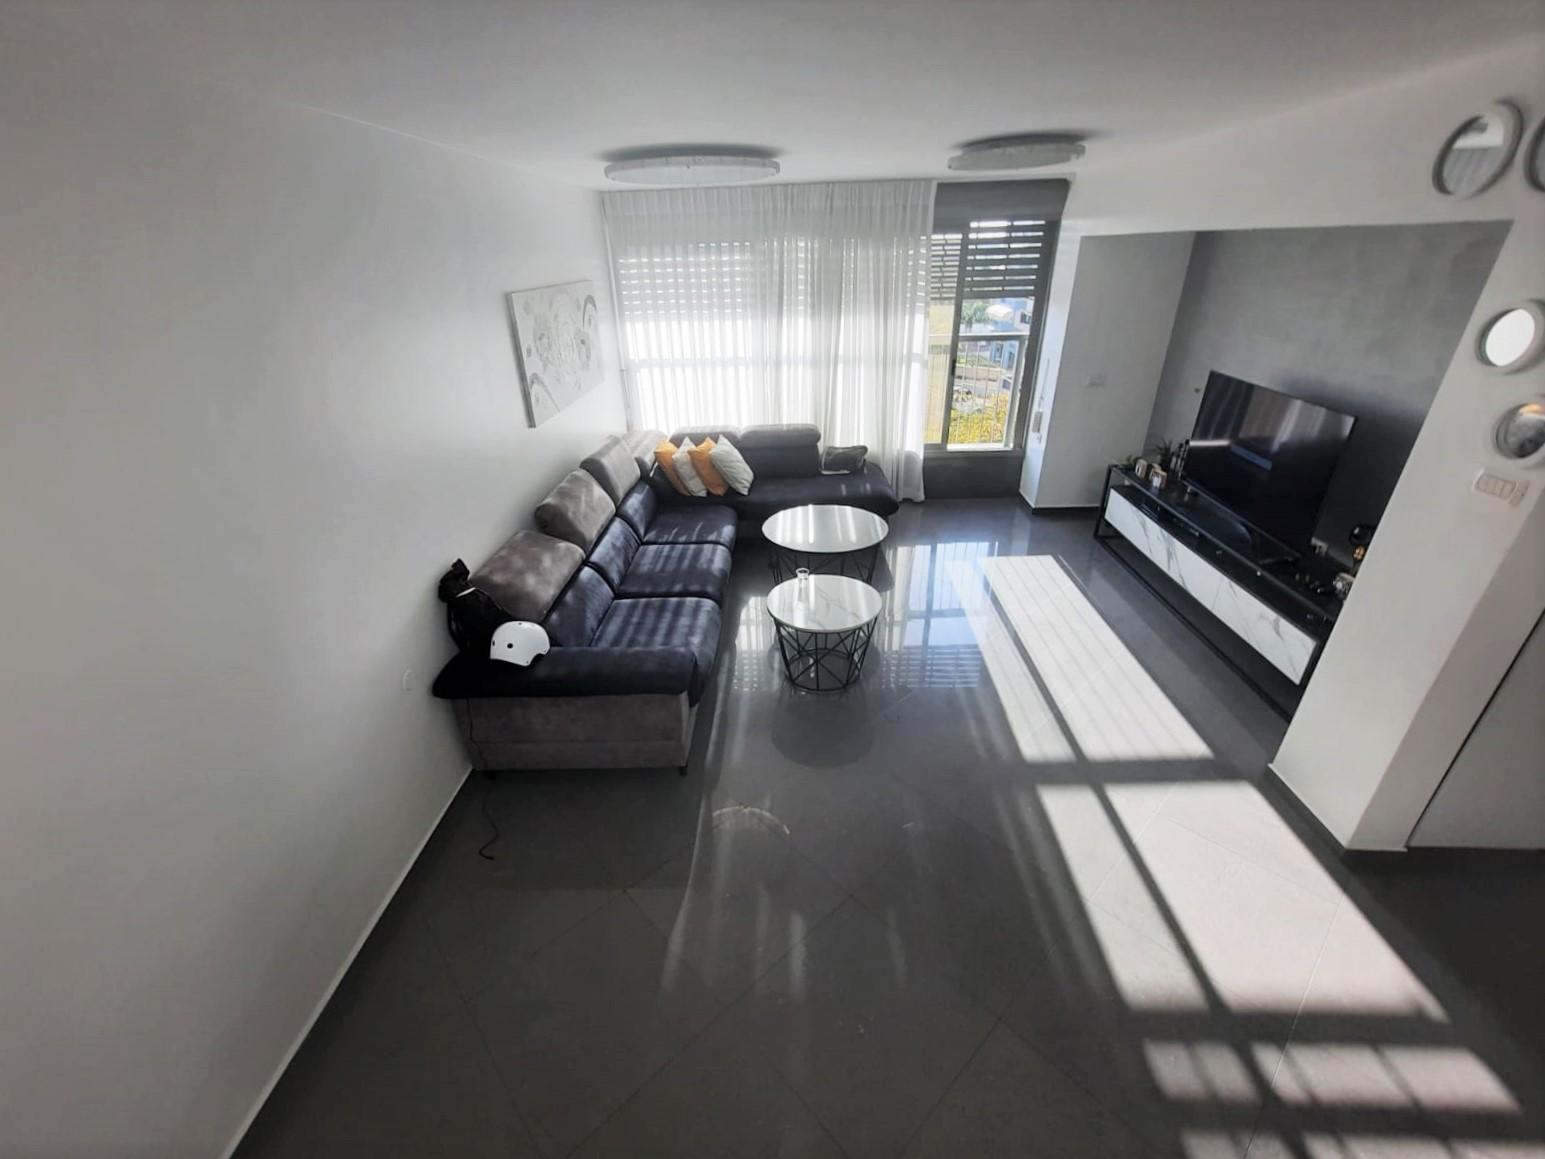 חולון דירת גג למכירה 5 חדרים 2,400,000₪, חולון